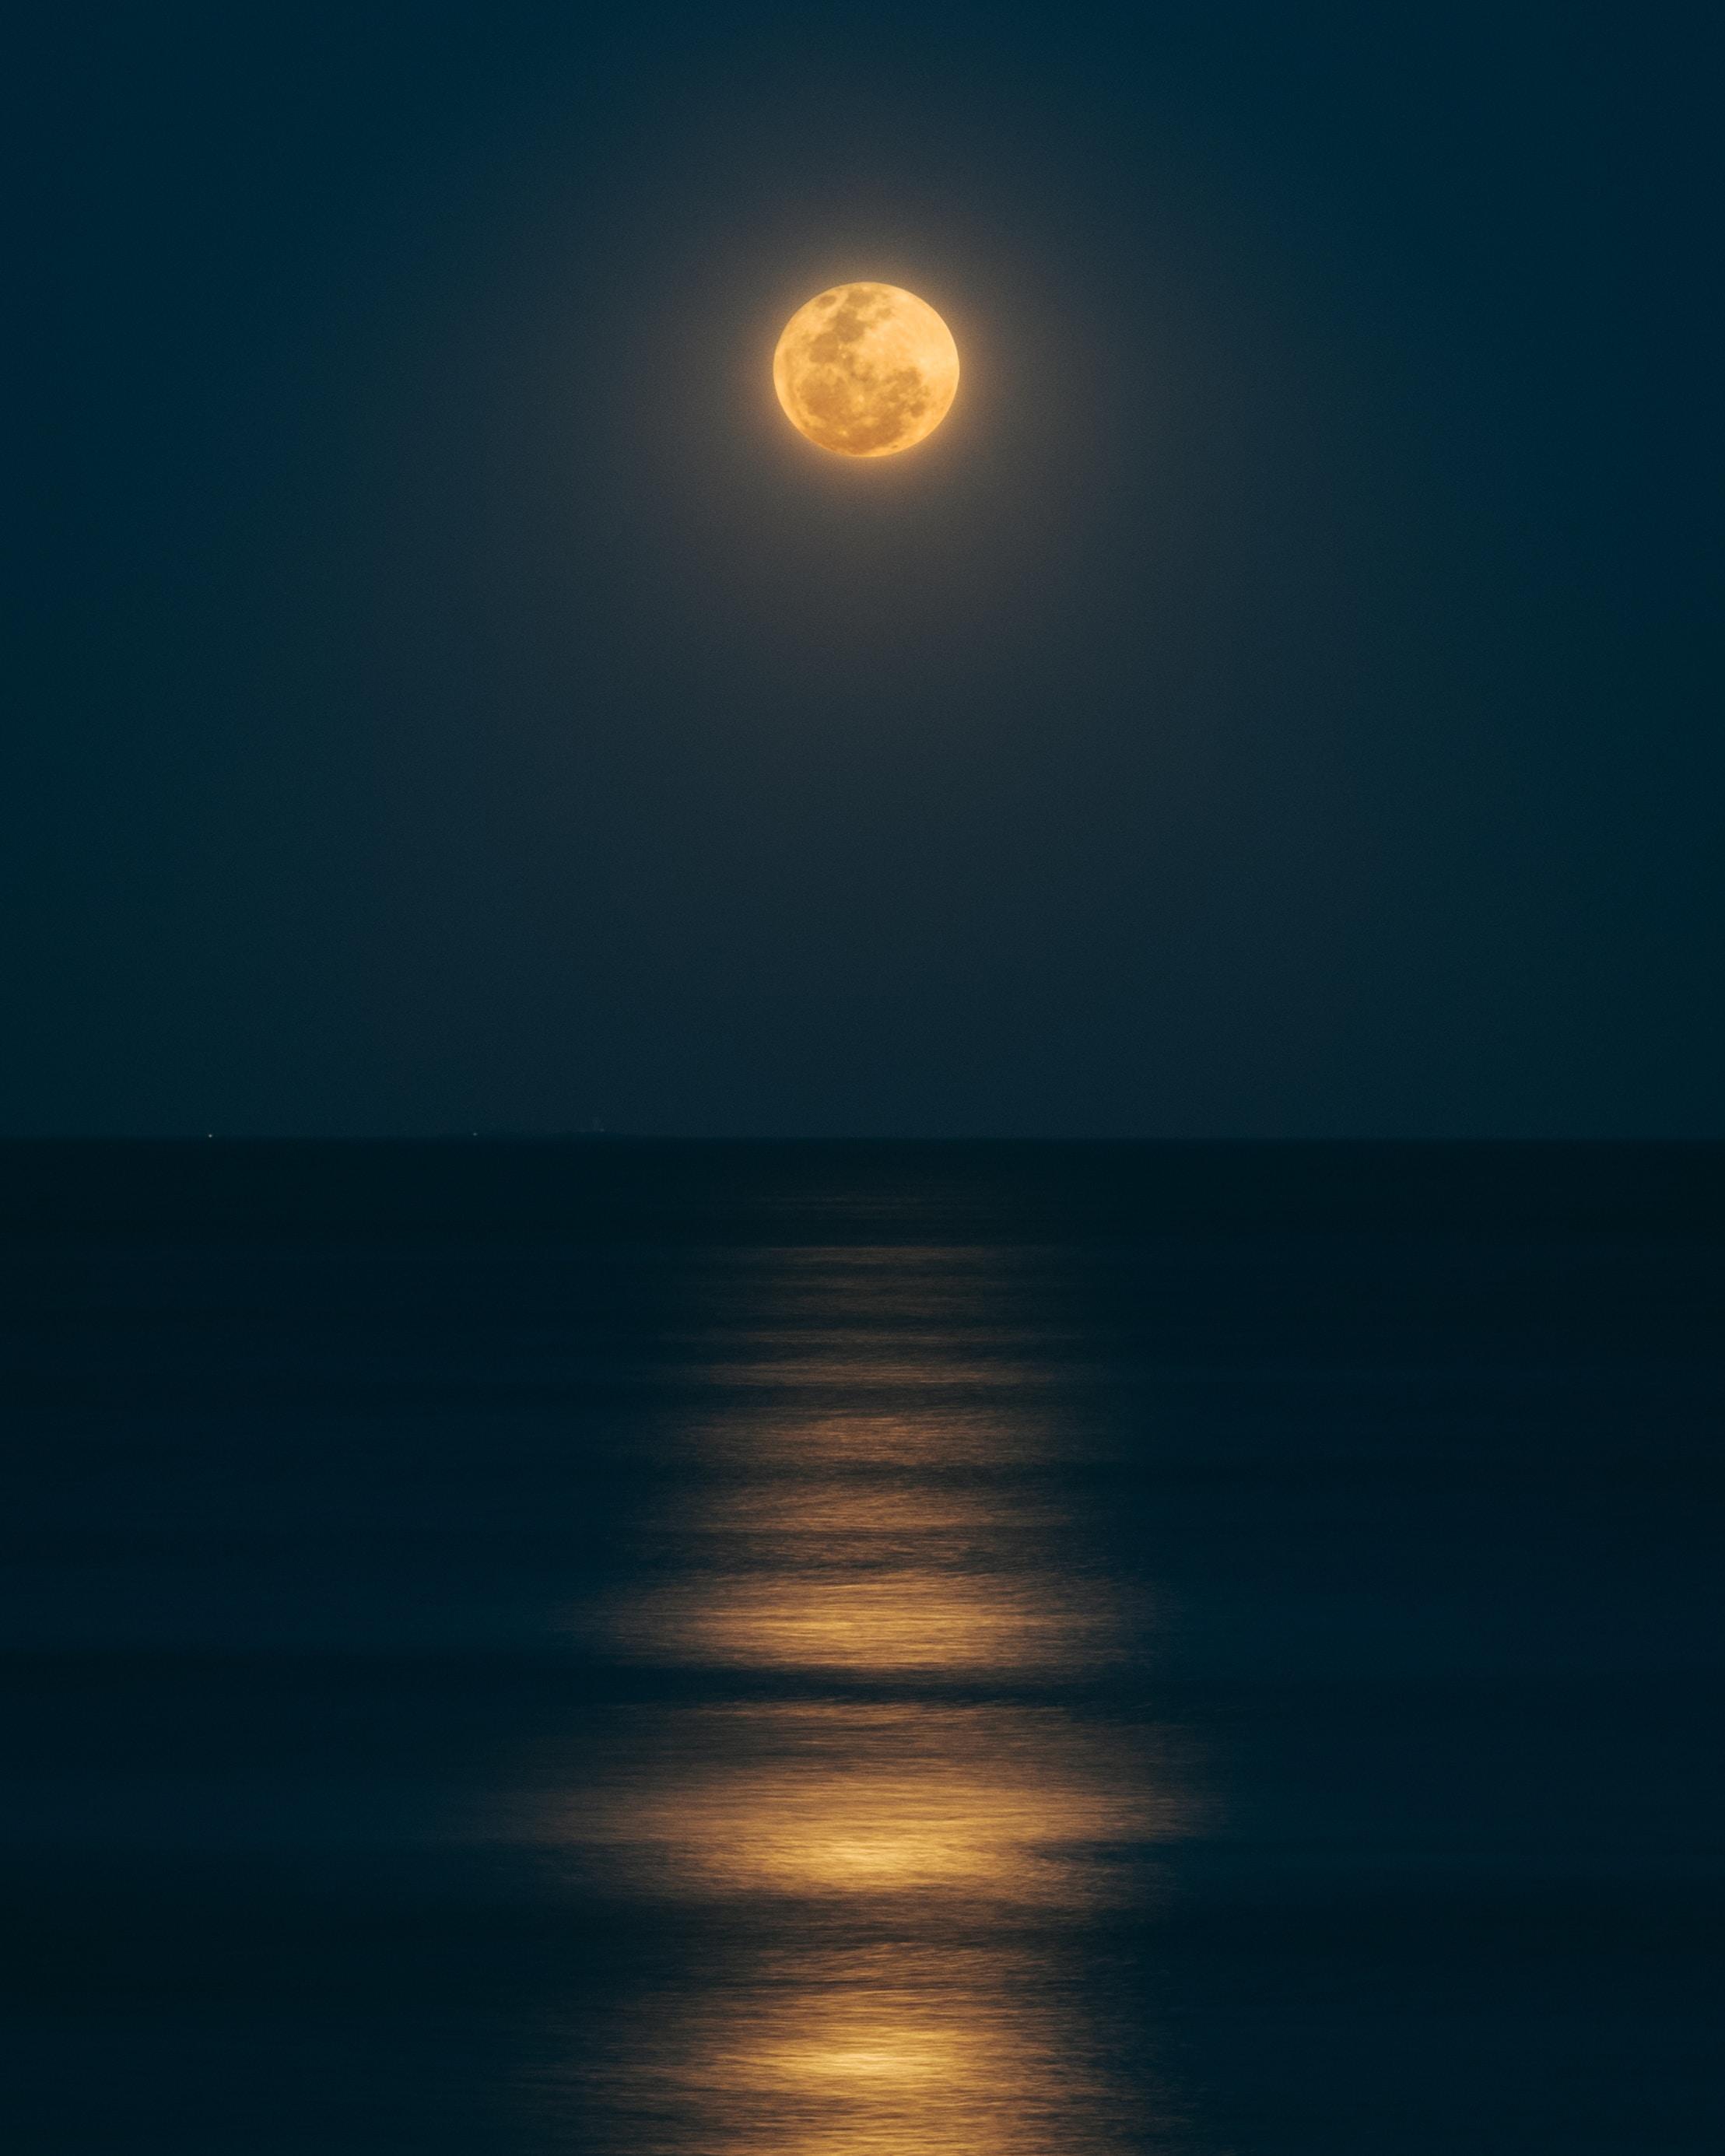 Moon #doubletetractys stories